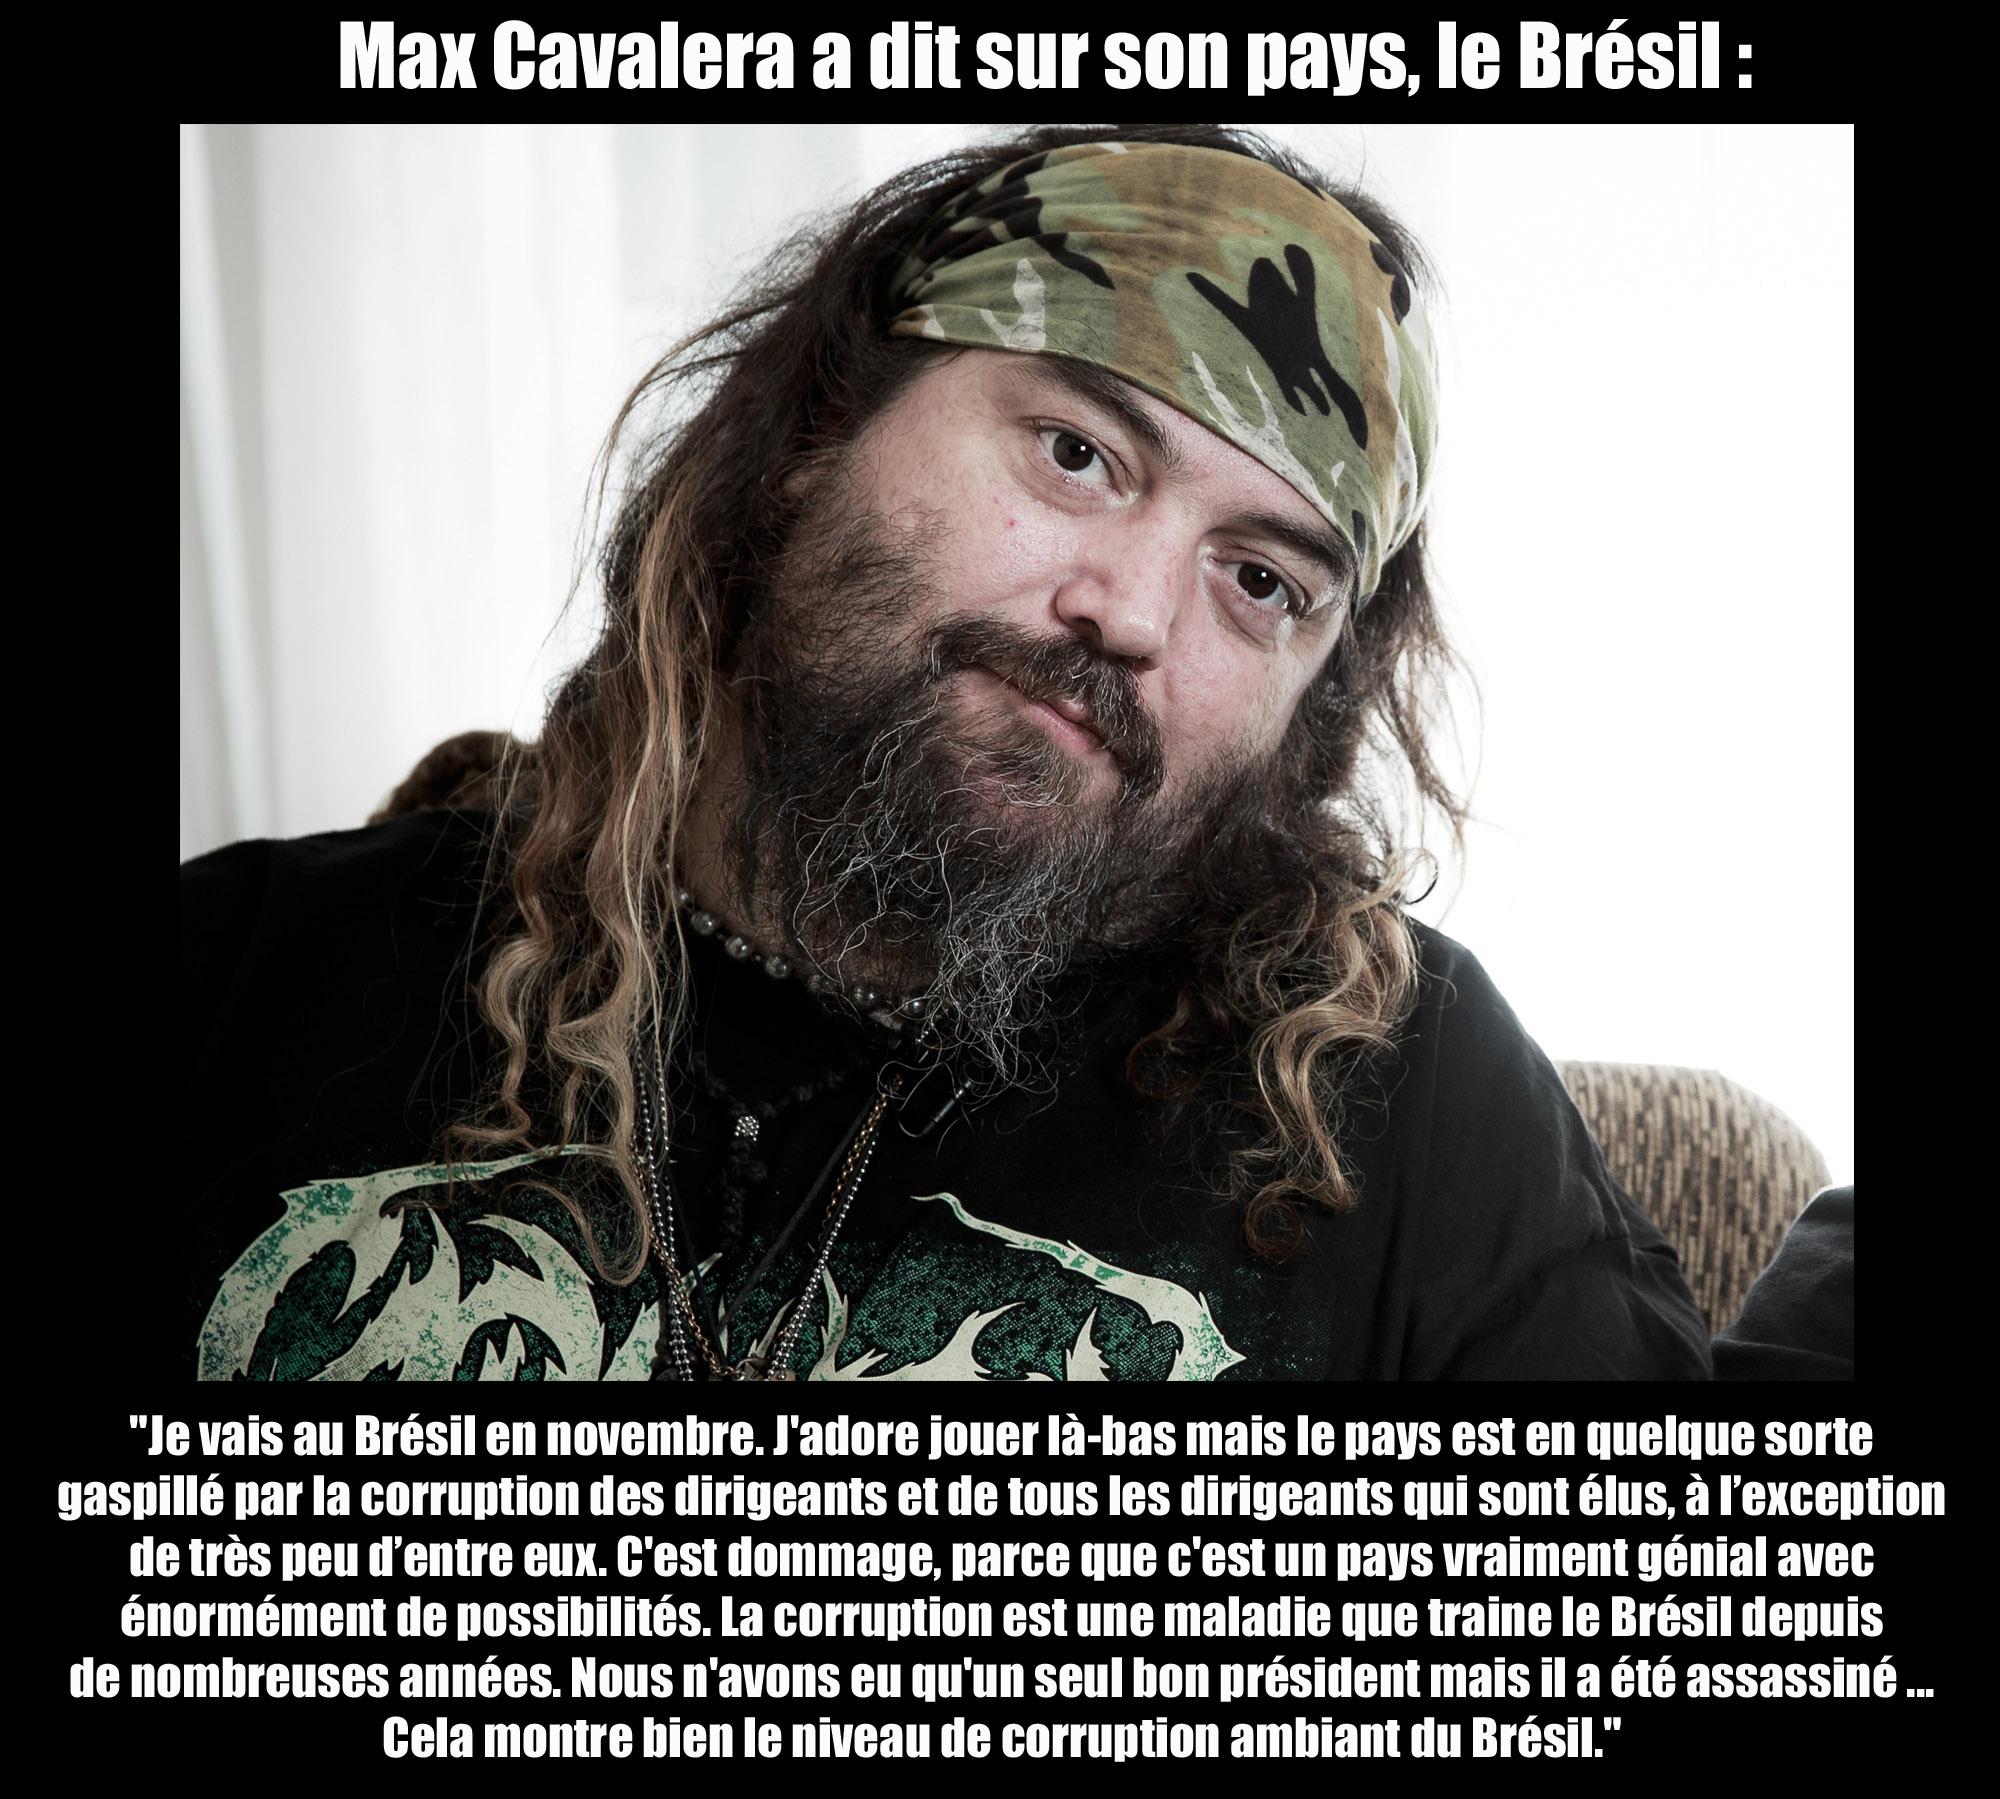 MAX CAVALERA a dit ... sur son pays le Brésil  Zone_m11